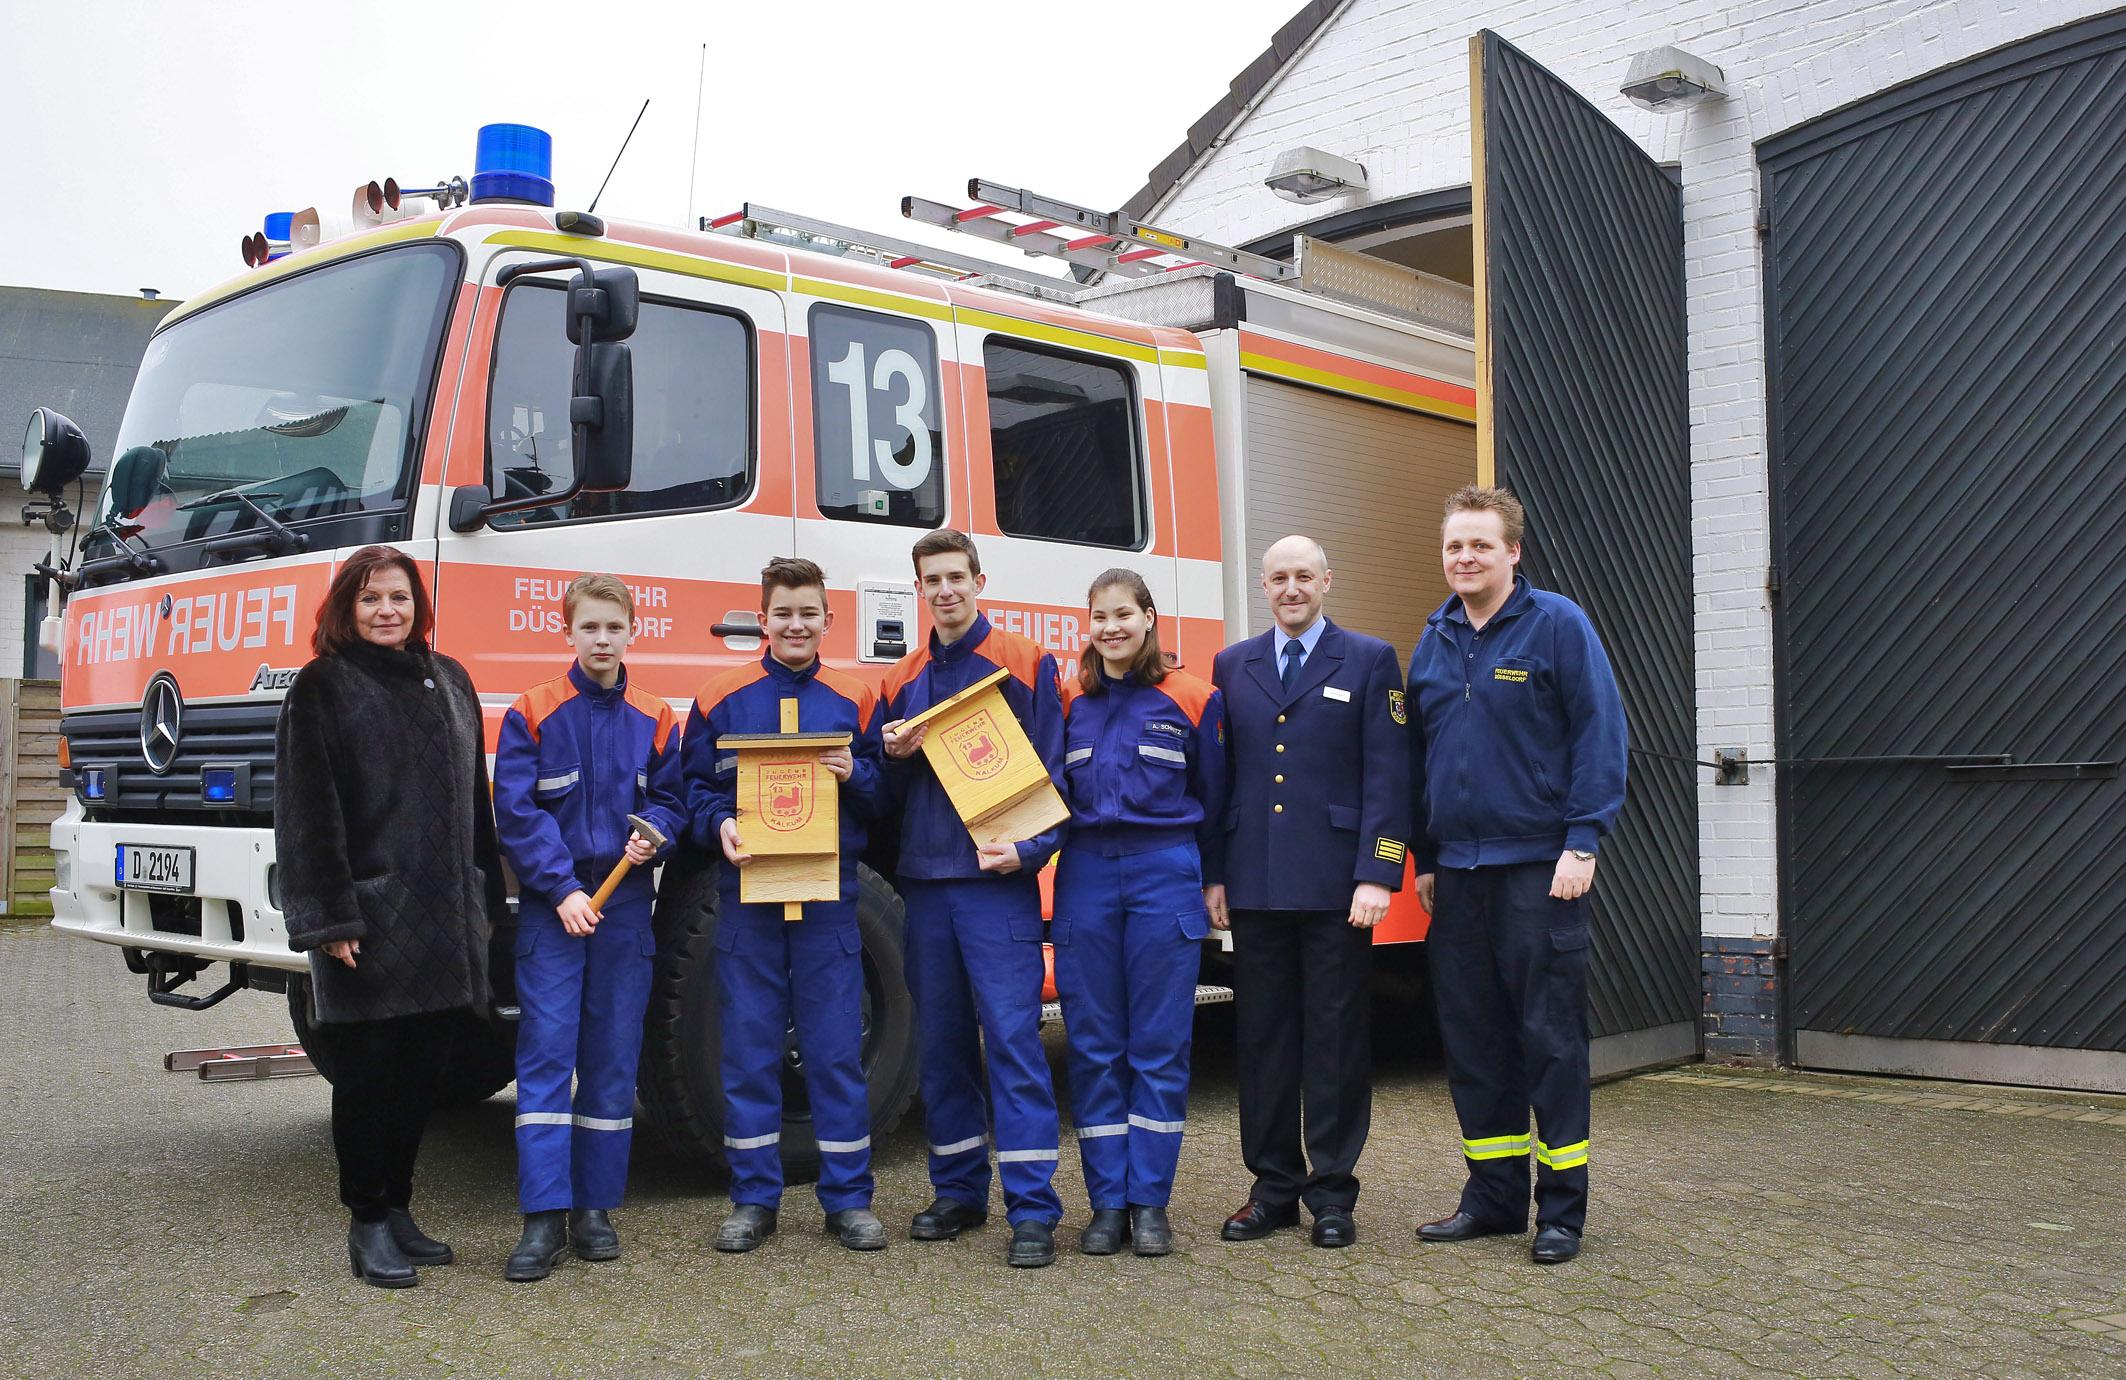 Helga Stulgies (links), Branddirektor Arvid Graeger und Dennis Rätzer (rechts) mit Jugendfeuerwehrleuten von der Löschgruppe Kalkum (Foto: Stadt Düsseldorf, Christoph Göttert)